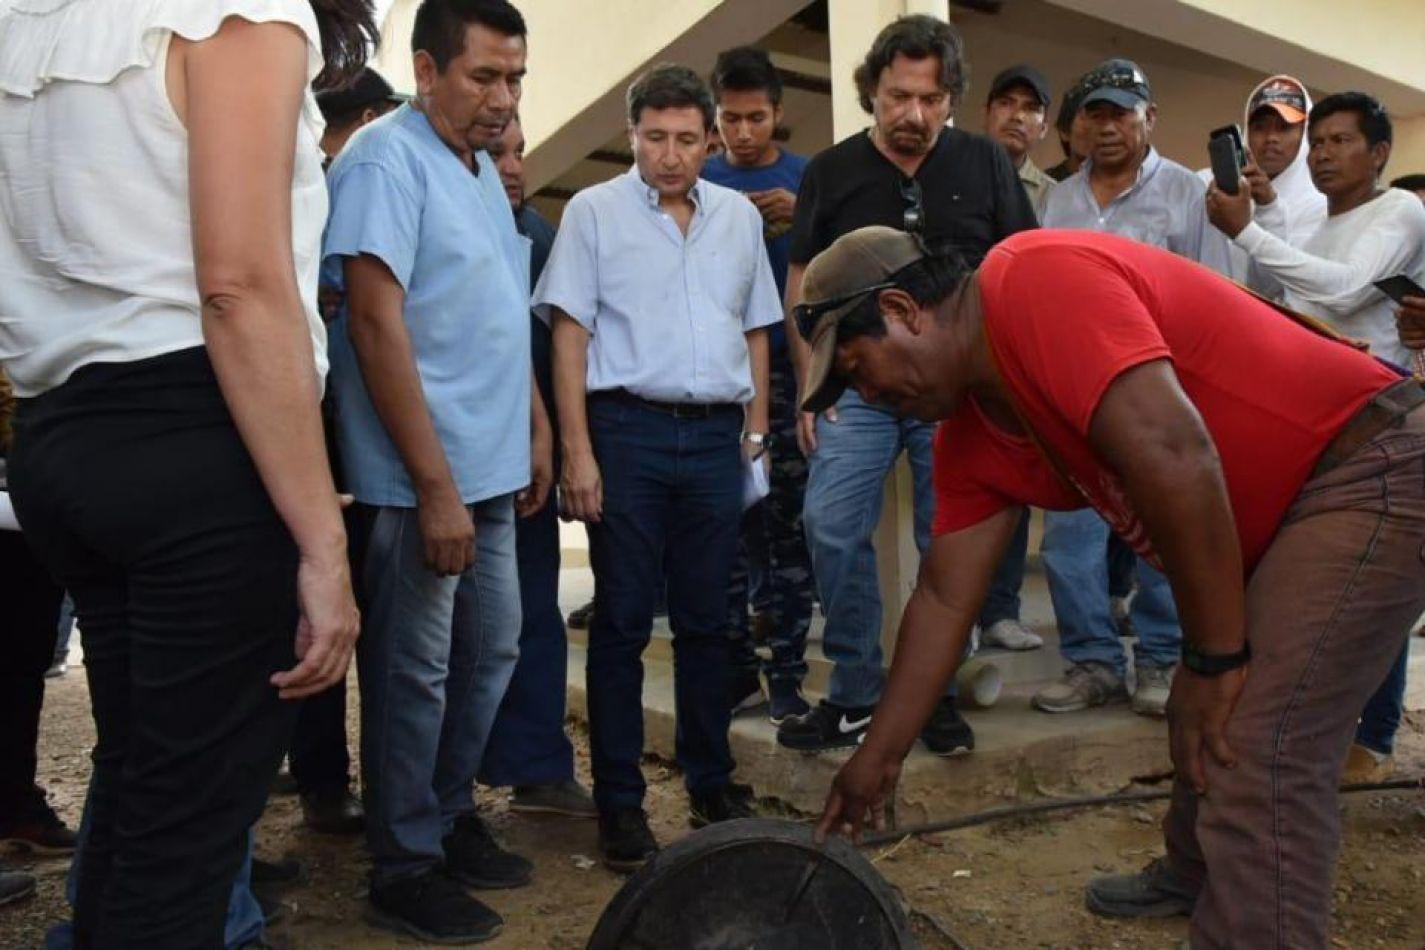 Foto: Página 12. Daniel Arroyo en Salta